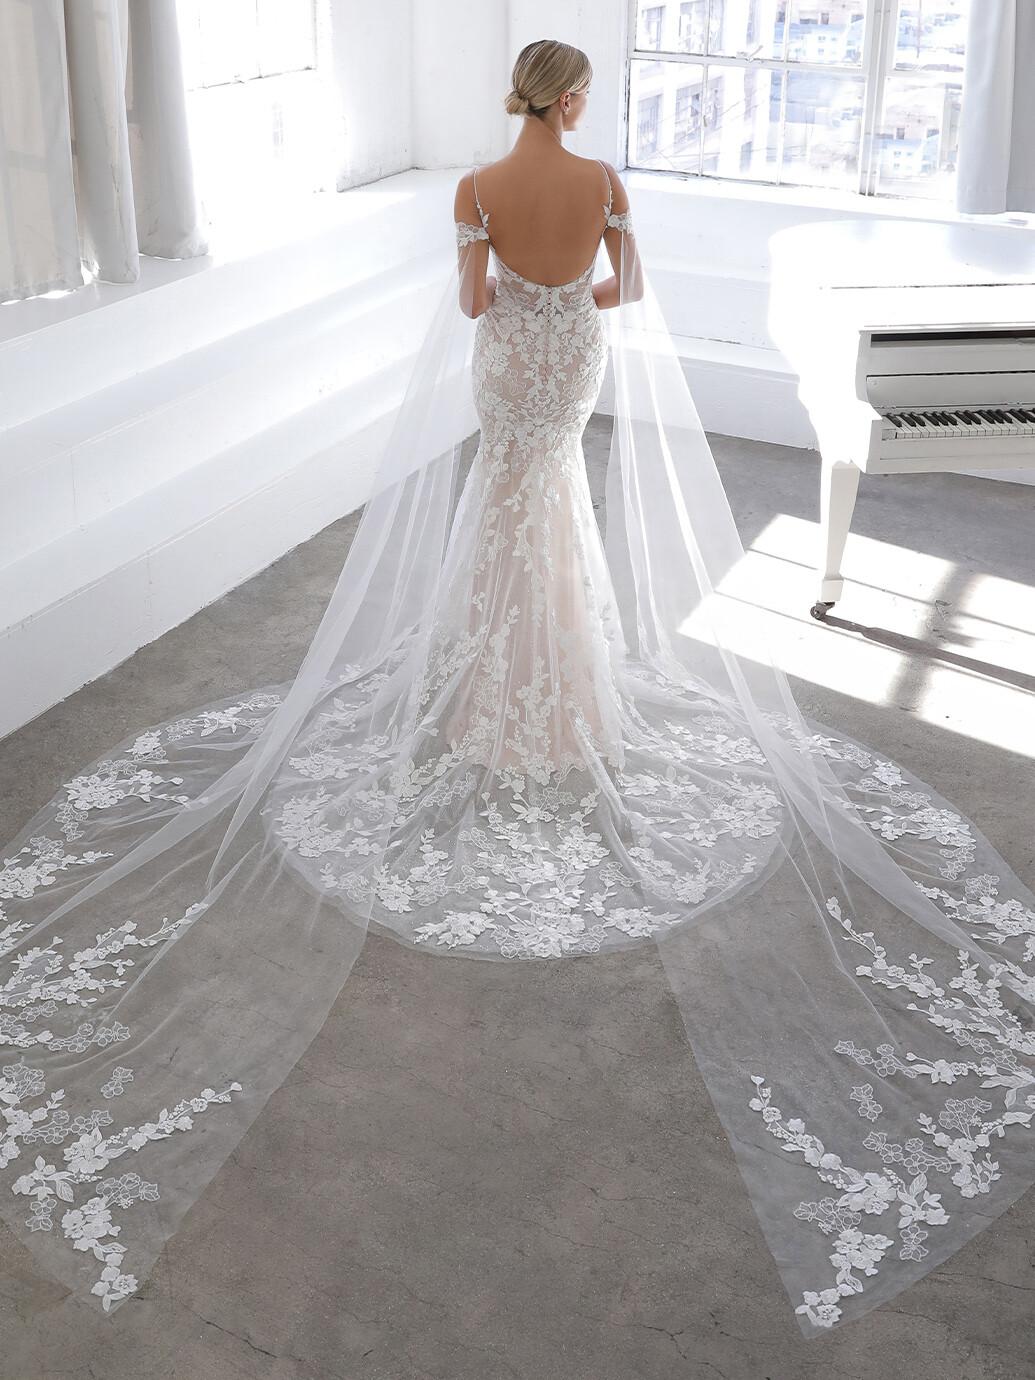 Hochzeitskleid in Blush im Fit & Flare-Schnitt mit Kontrastspitze und Off-Shoulder-Trägern von Blue by Enzoani, Modell Nadia